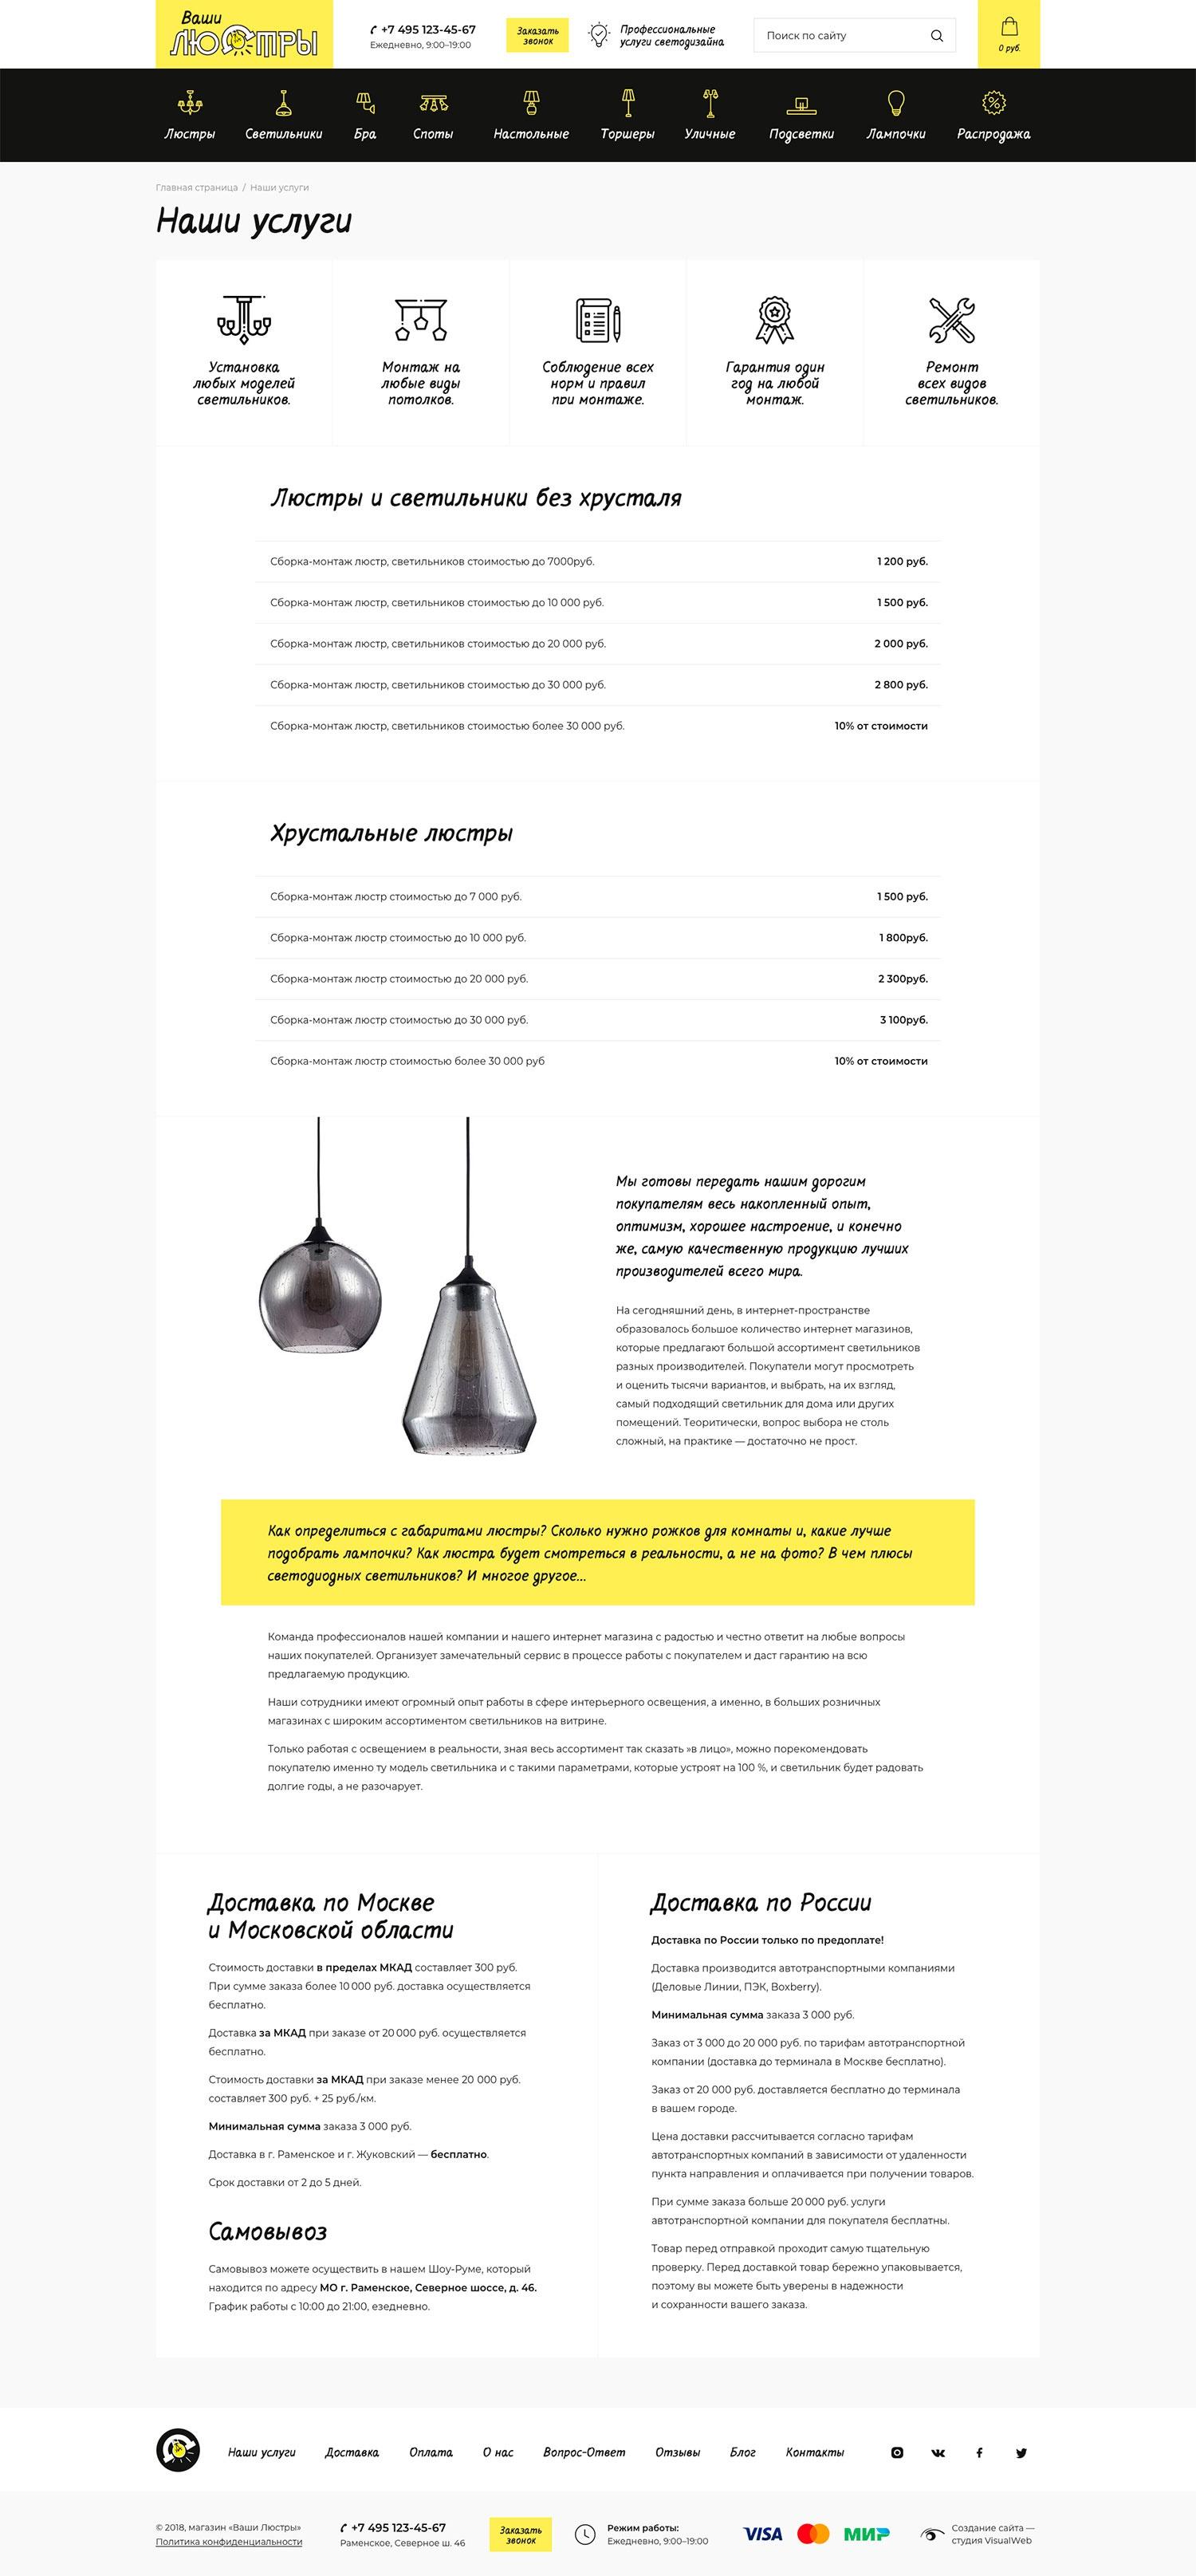 Создание интернет-магазина светильников Ваши люстры.